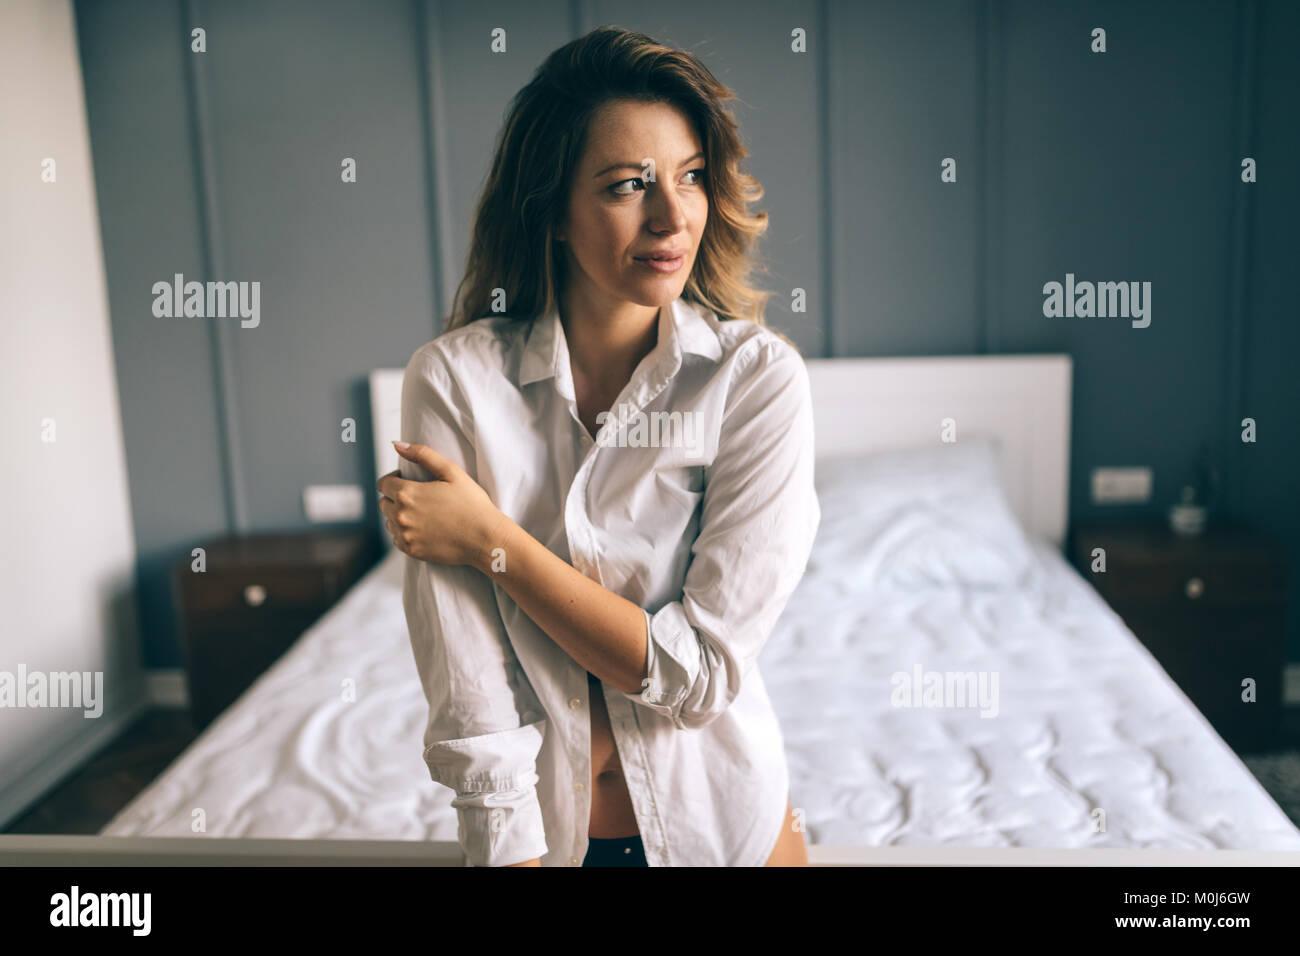 Imagen de feliz mujer atractiva en dormitorio Imagen De Stock